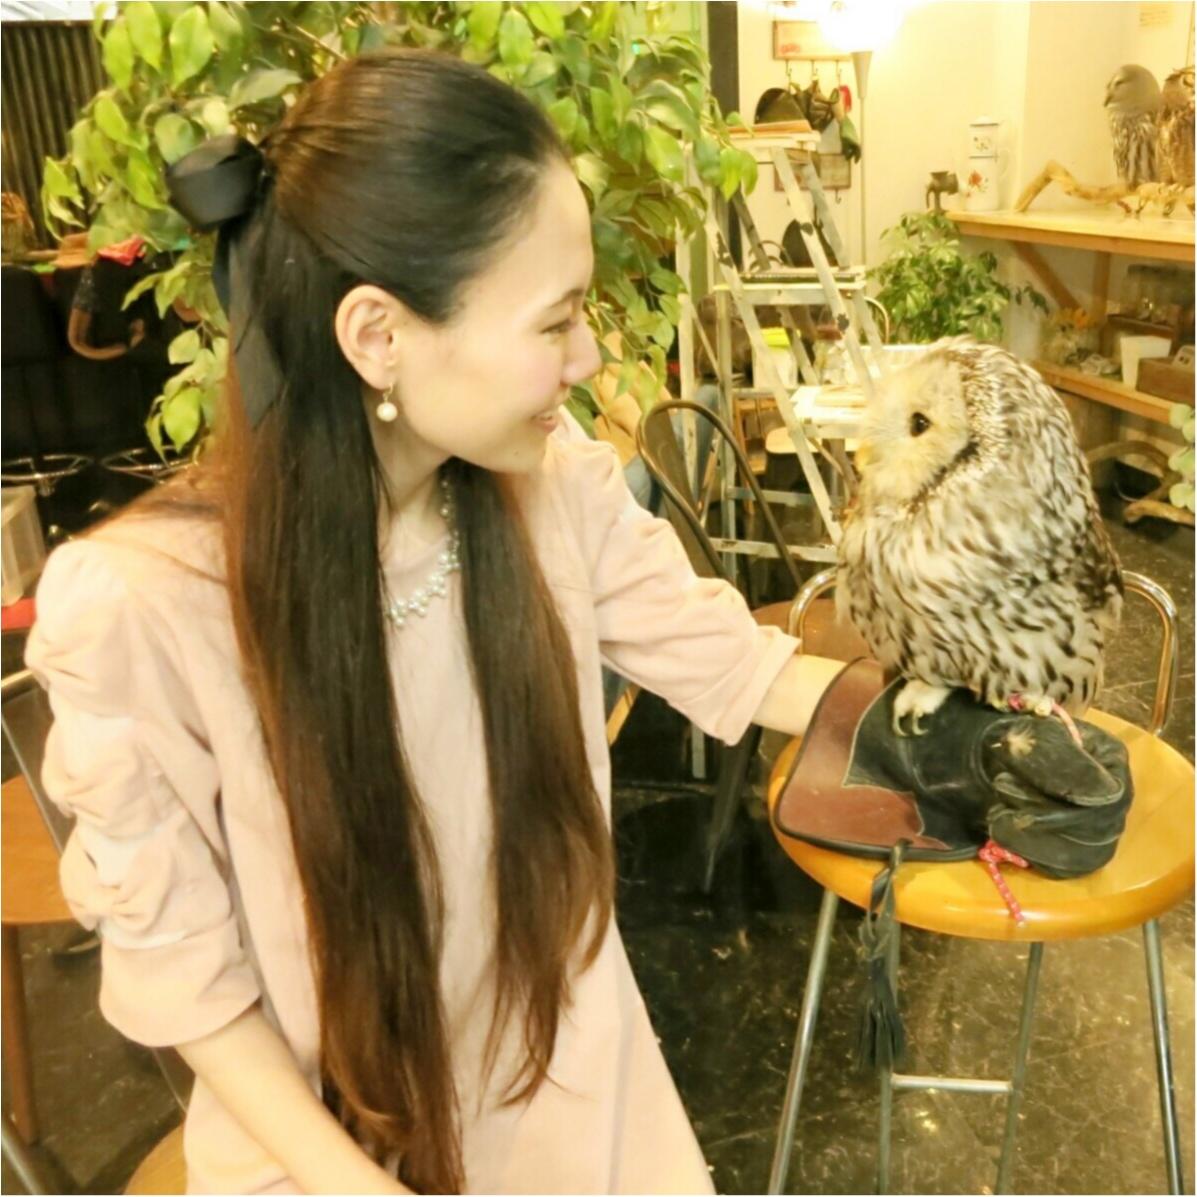 フクロウと触れ合える♡ 癒しのフクロウカフェが大人気!_7